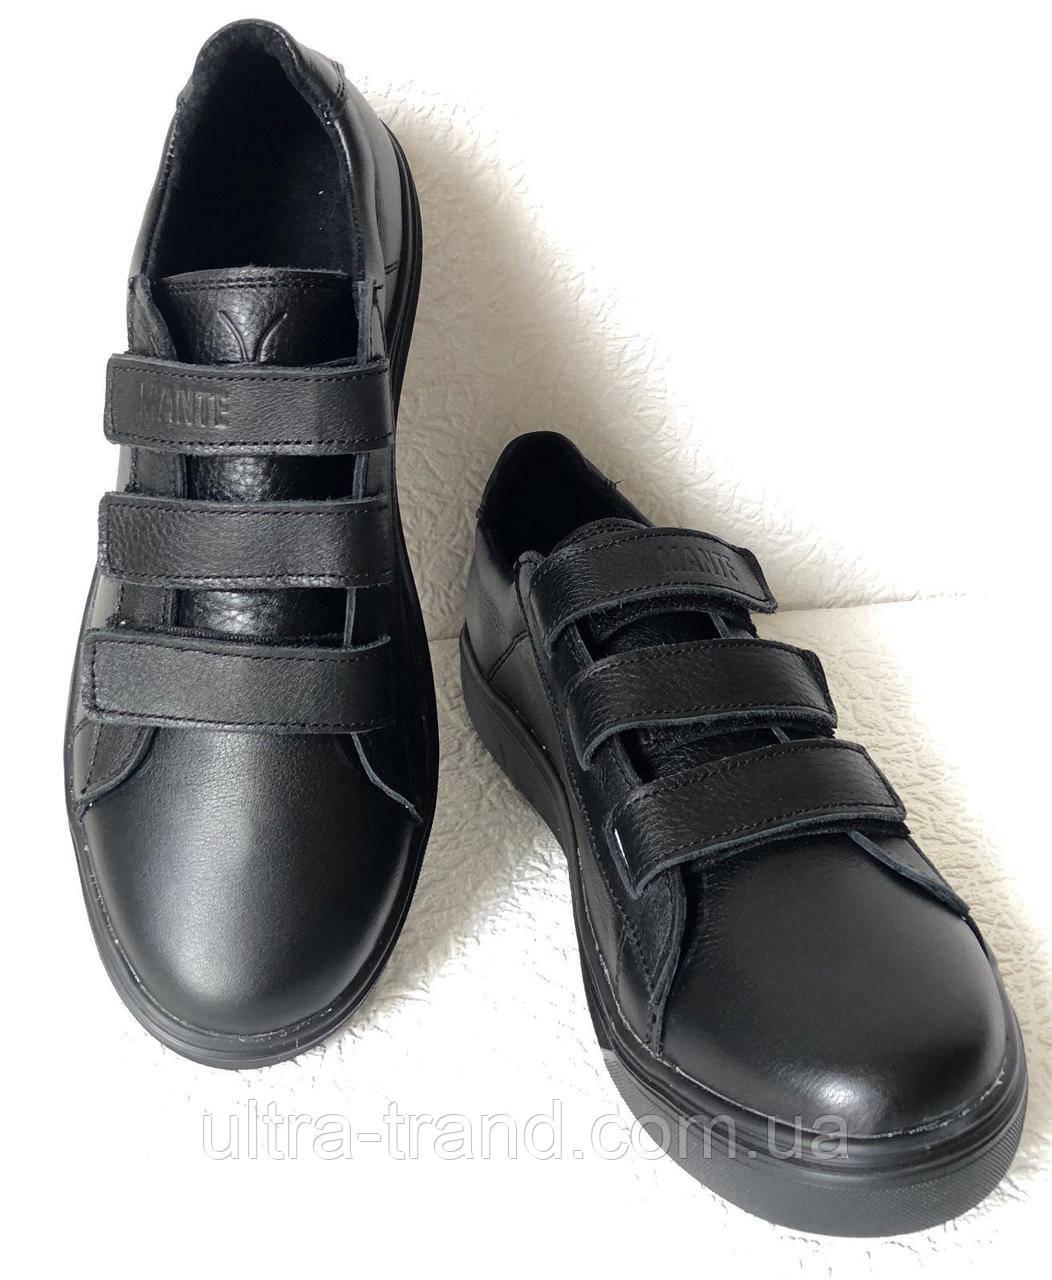 Мужские кожаные кеды на липучках сникерсы туфли брендовые Mante черные